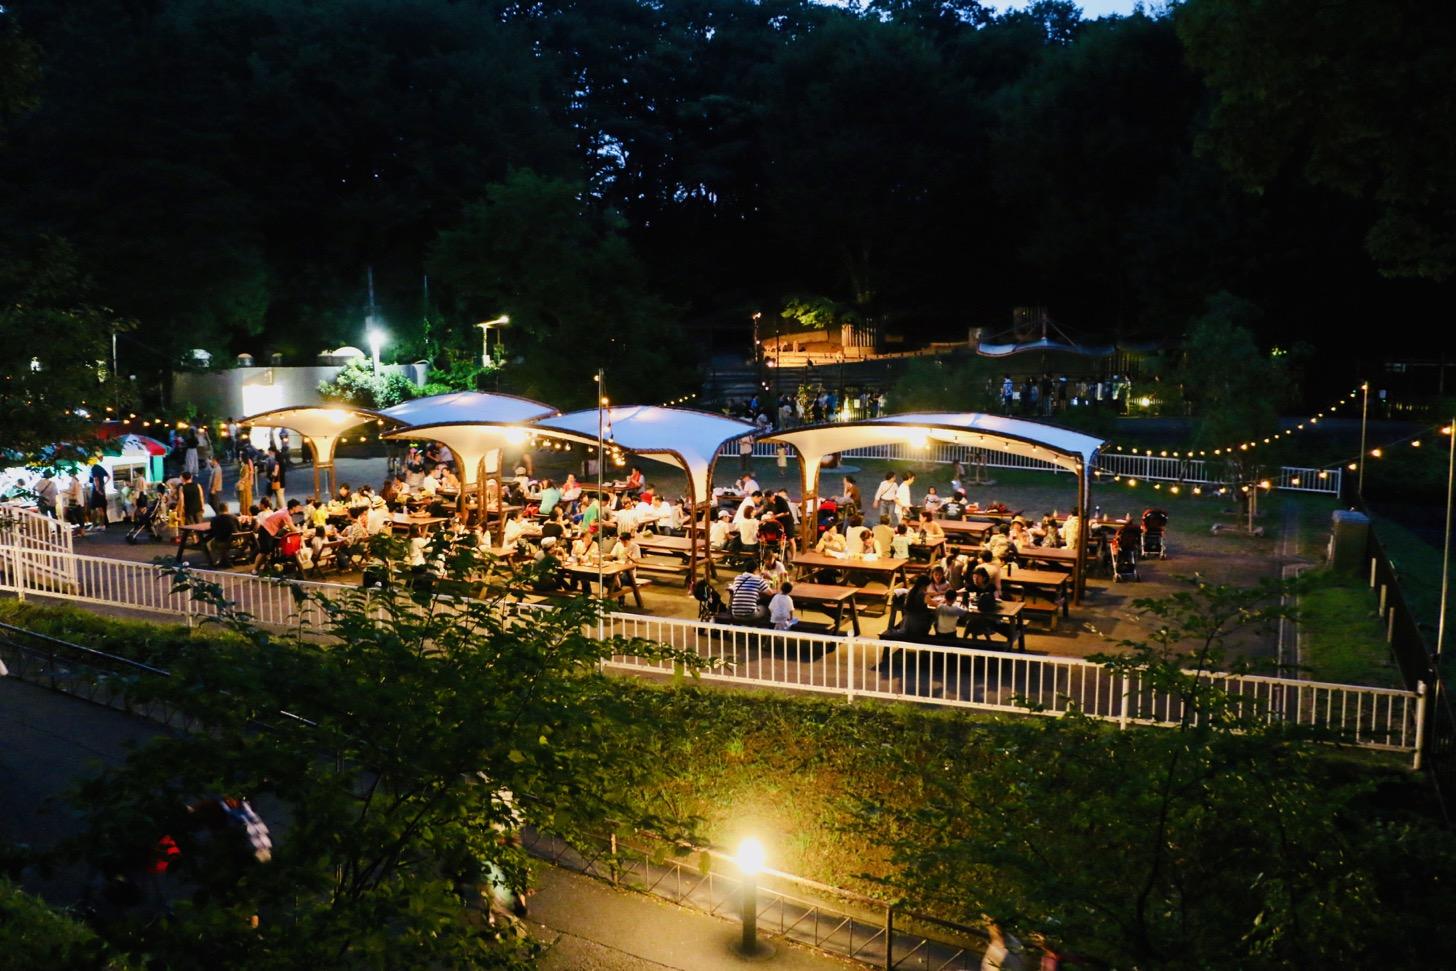 多摩動物公園 森のビアガーデン(カンガルー広場)